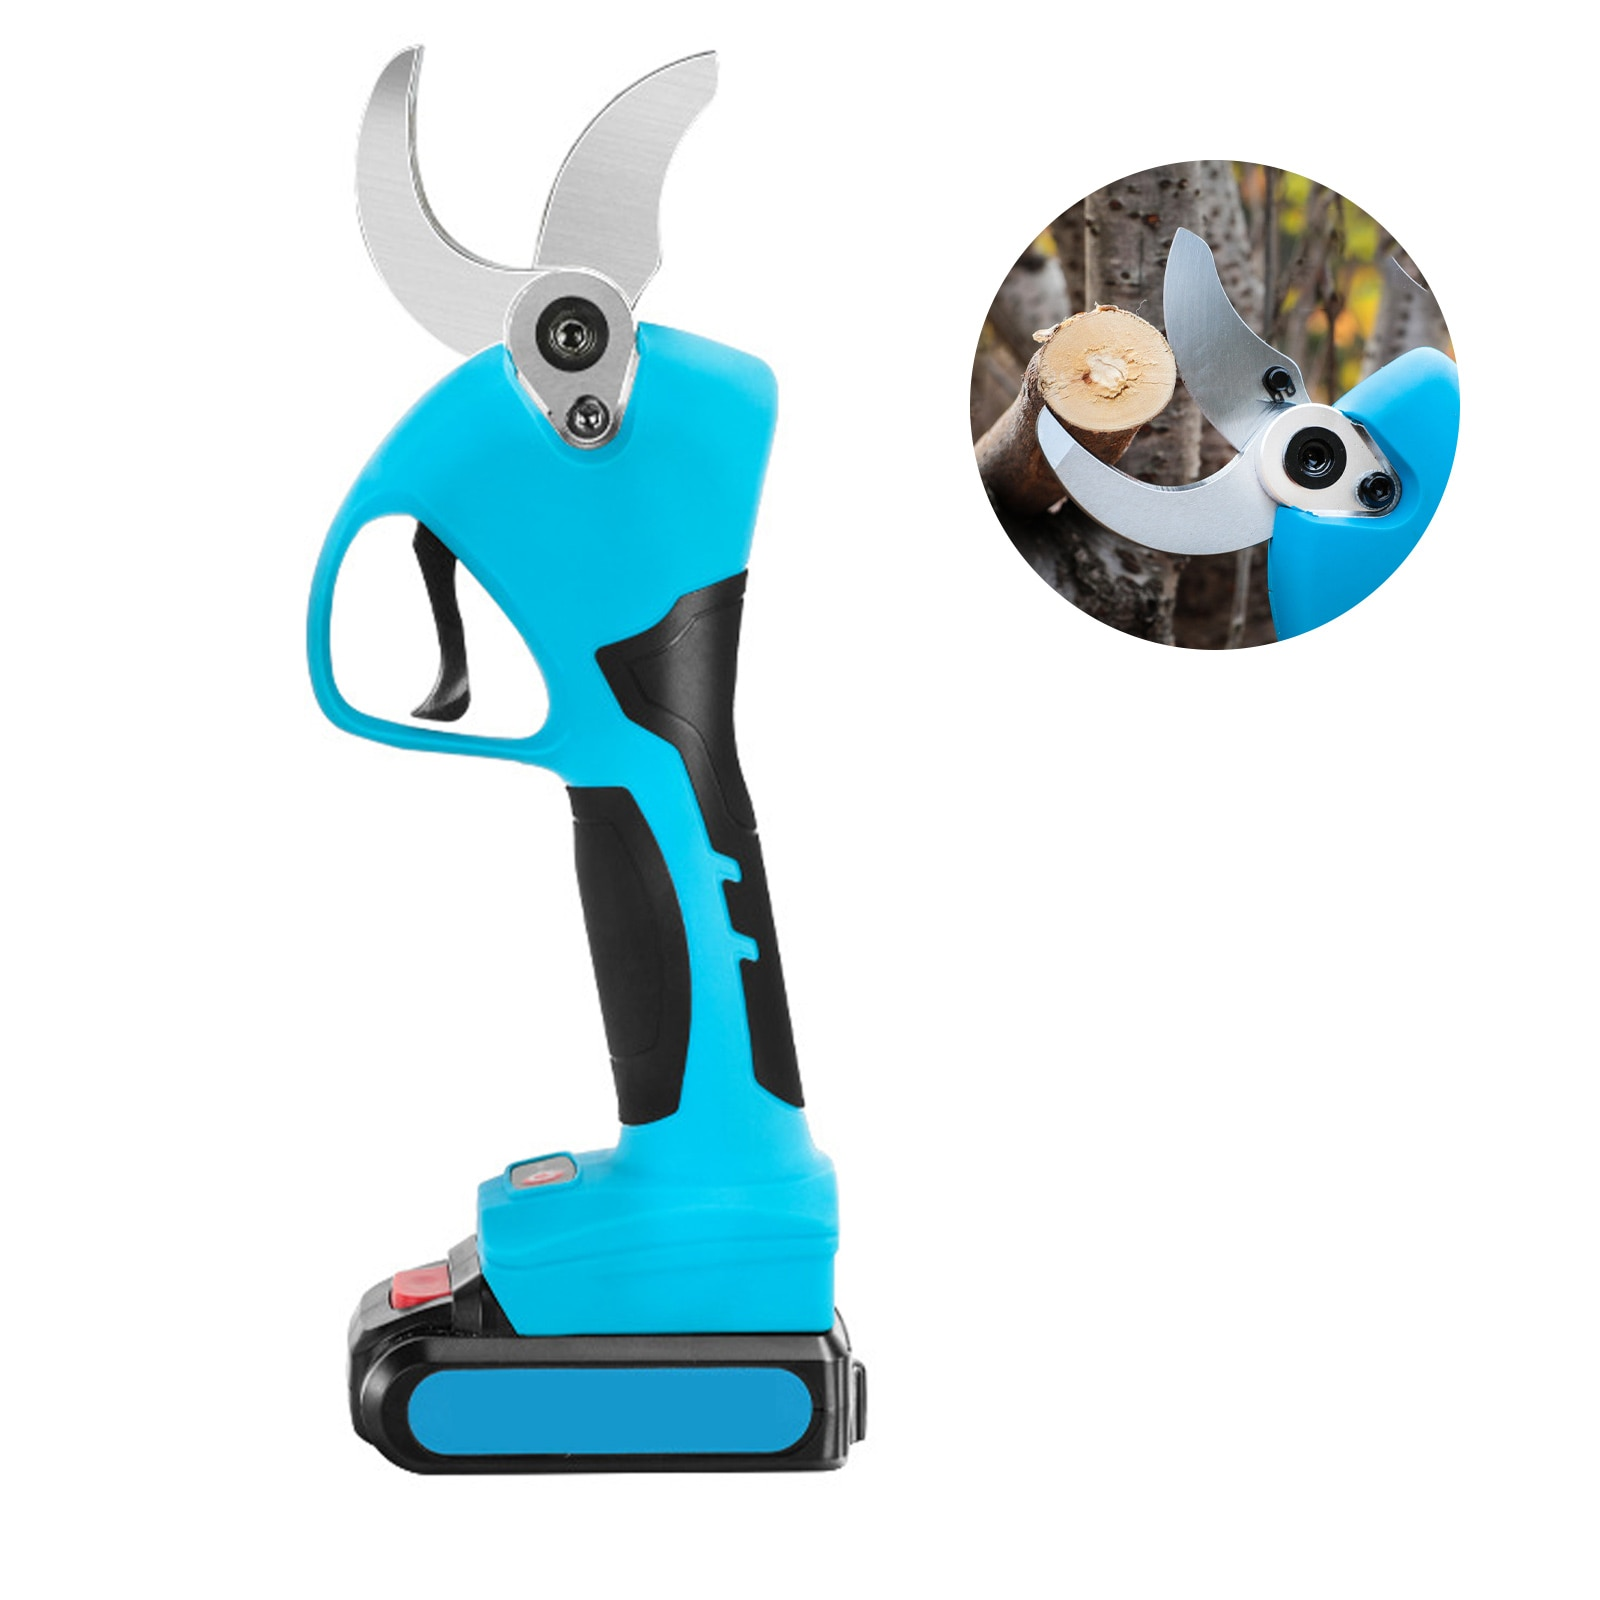 Электрические ножницы для обрезки, перезаряжаемый мощный секатор с регулируемым диаметром резки, электрические ножницы для ветвей с литие...